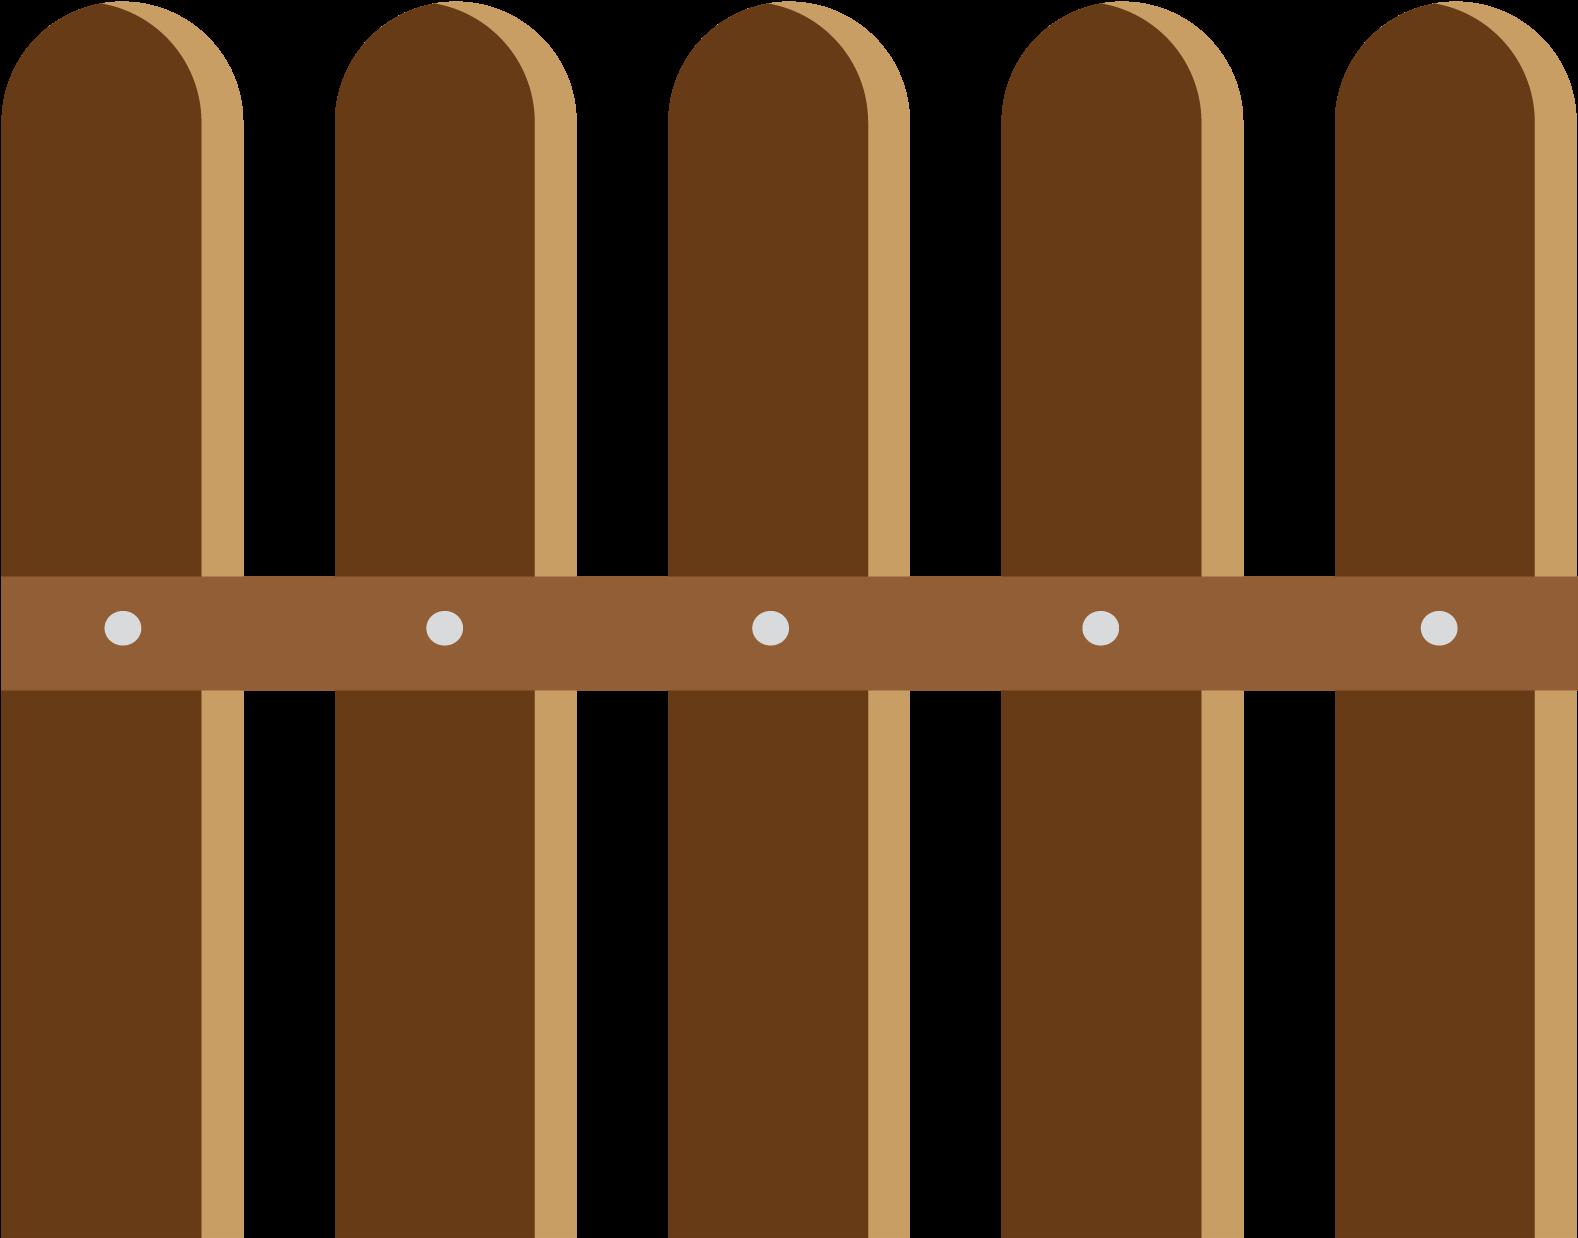 Fence clipart rustic fence. Coisas de fazendinha png